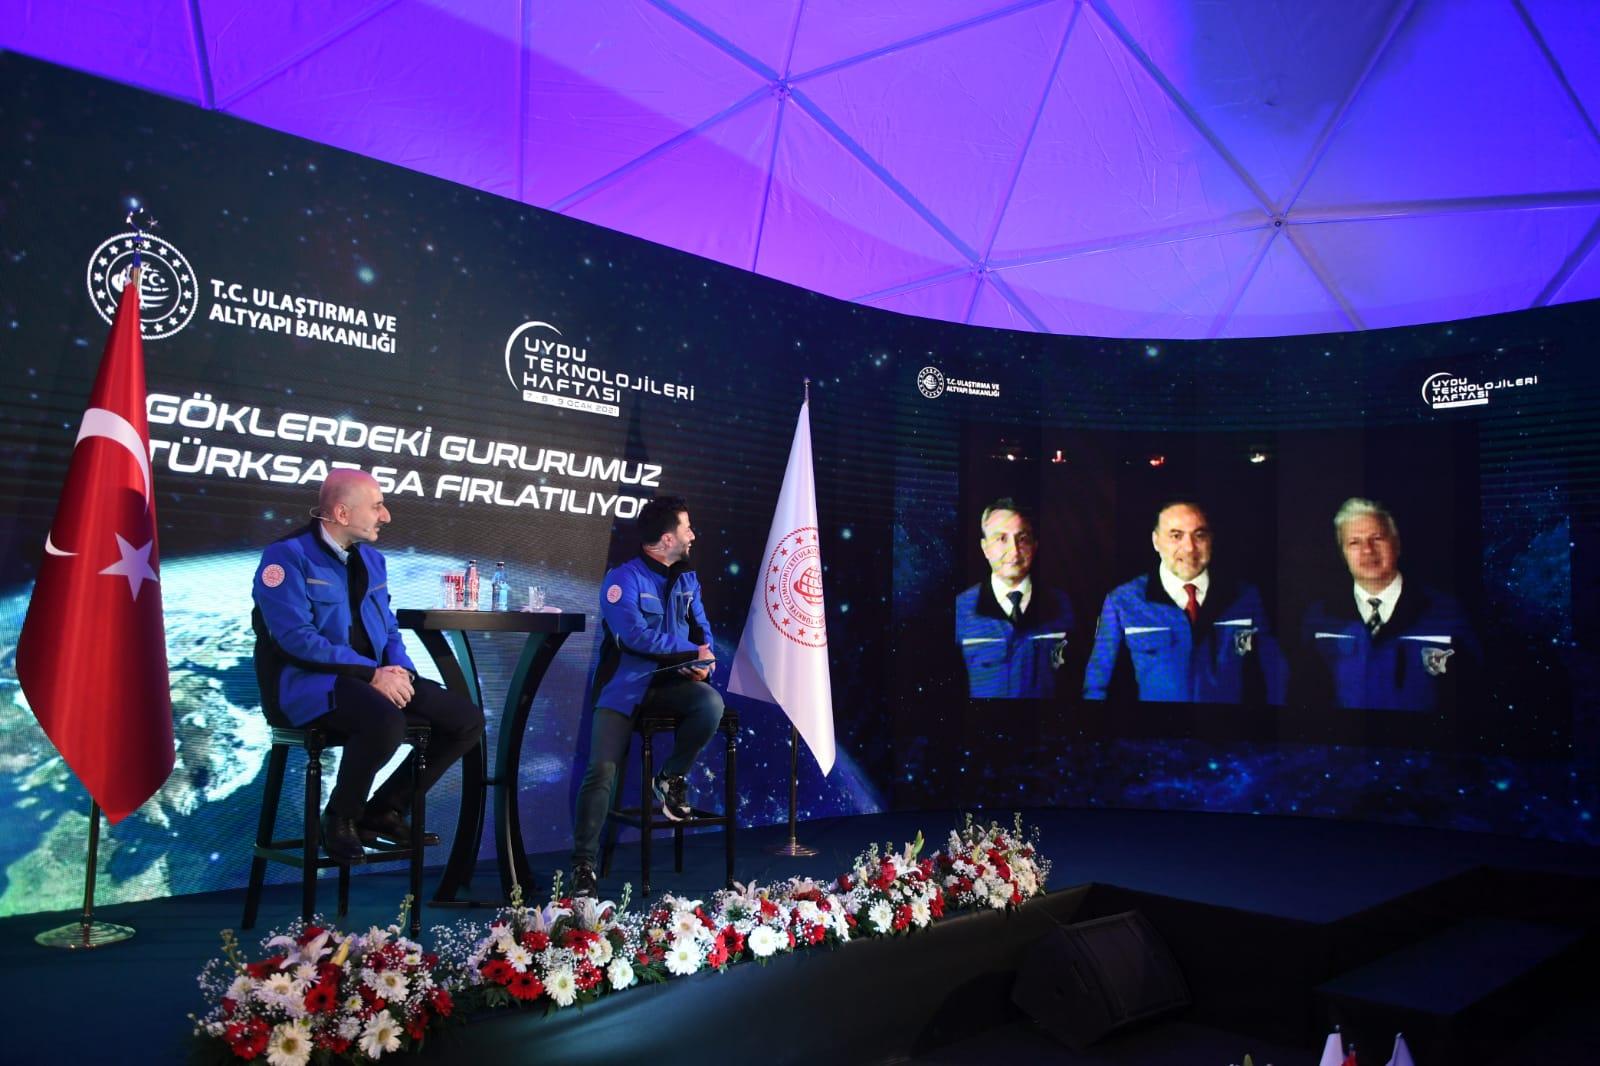 Türkiye'nin yeni uydusu TÜRKSAT 5A uzaya fırlatıldı